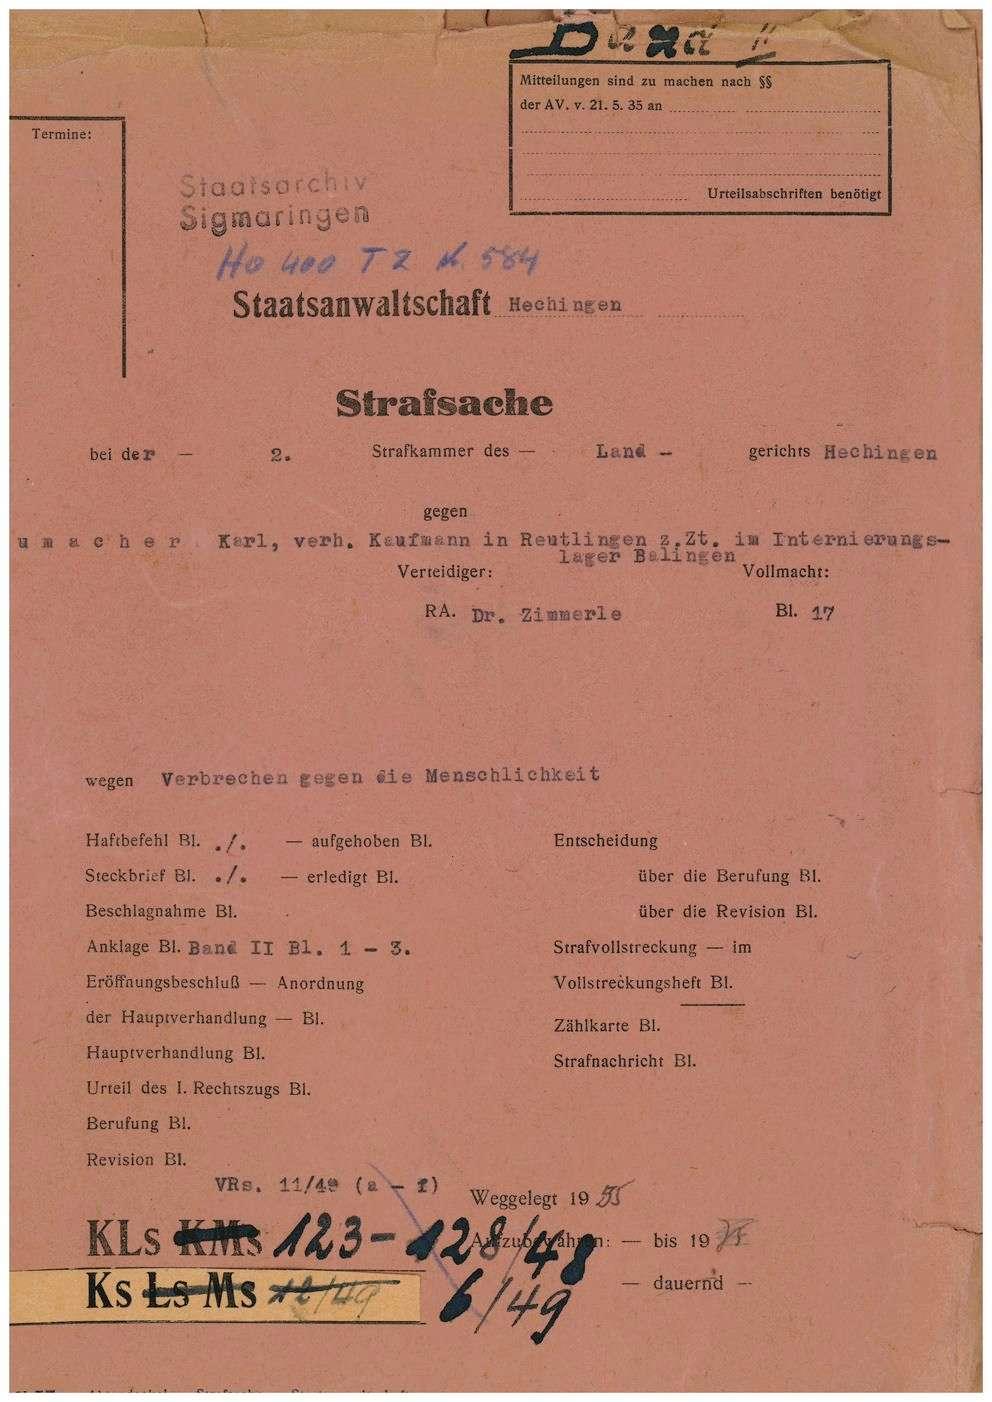 Schumacher, Karl, Kaufmann, Reutlingen, Bild 1